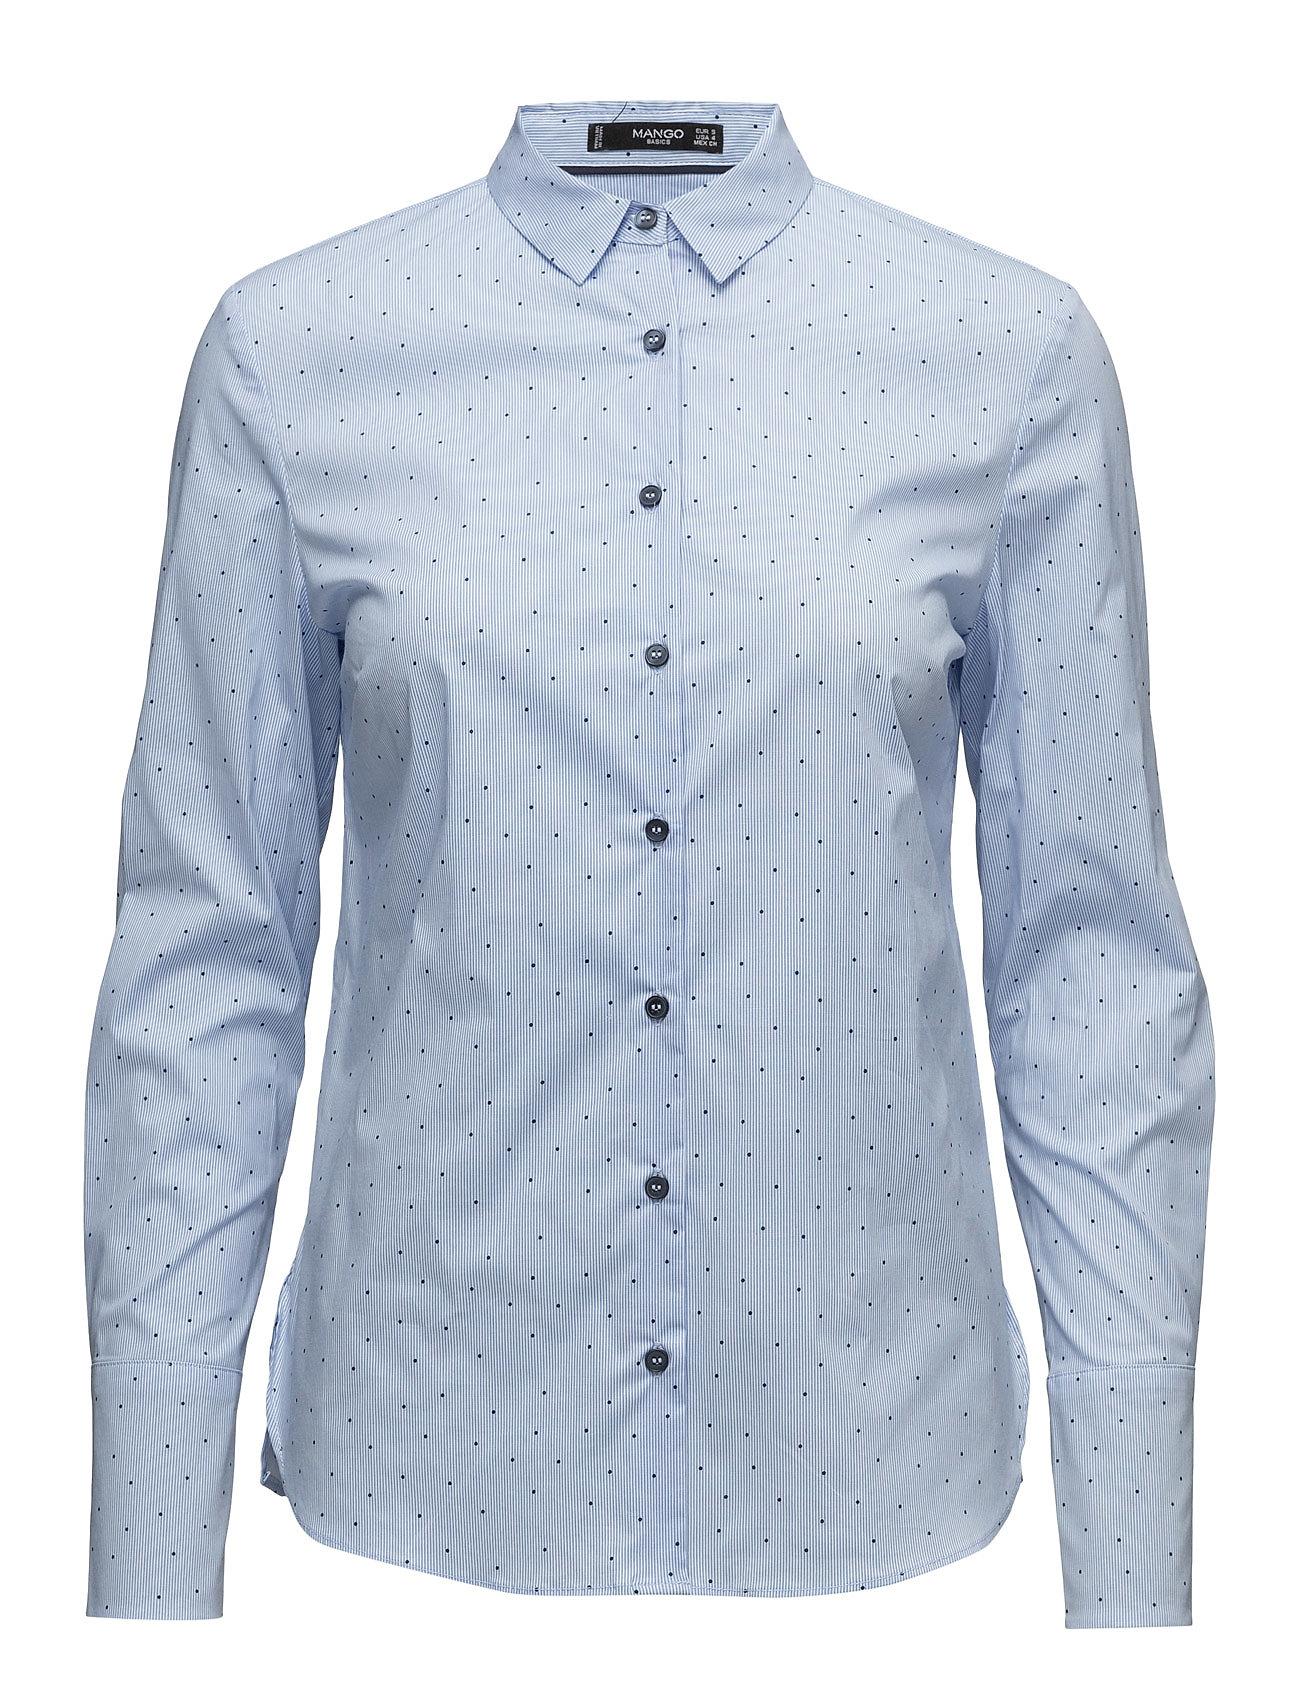 Printed Cotton Shirt Mango Langærmede til Damer i Medium Blå